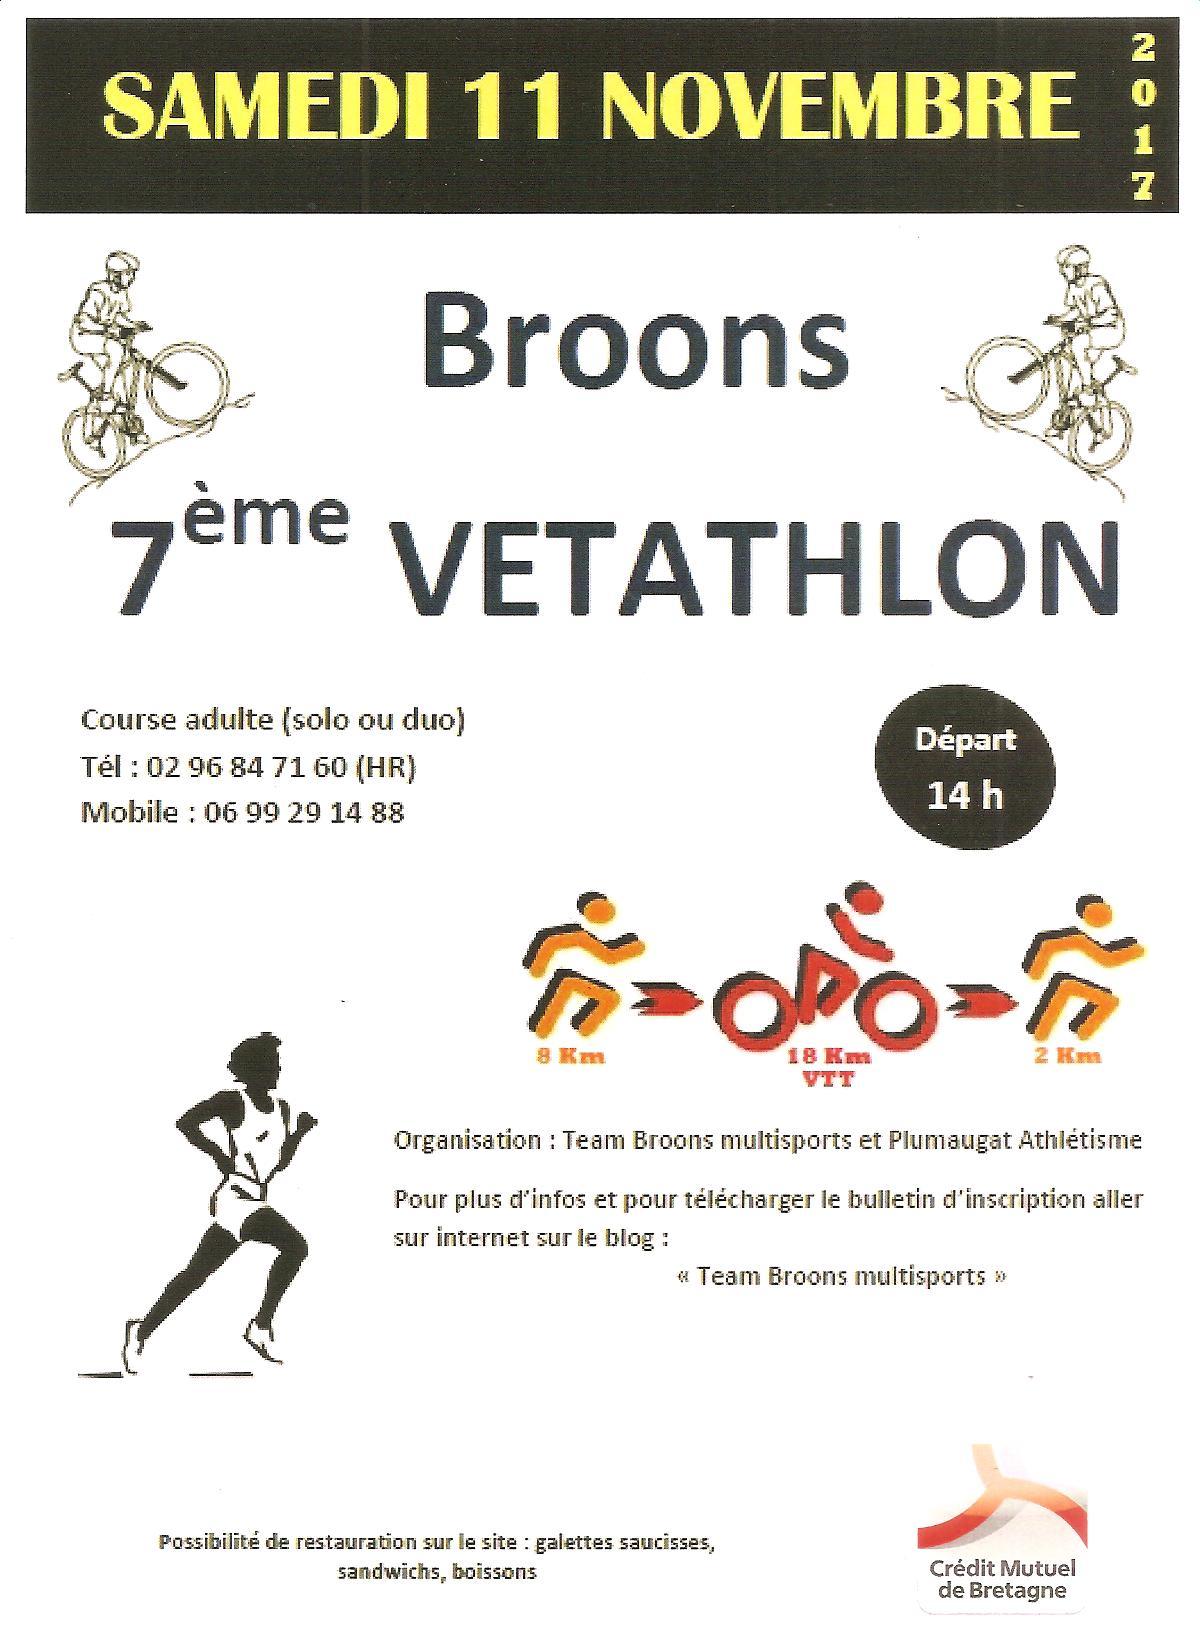 Vetathlon broons 11.11.2017.jpg